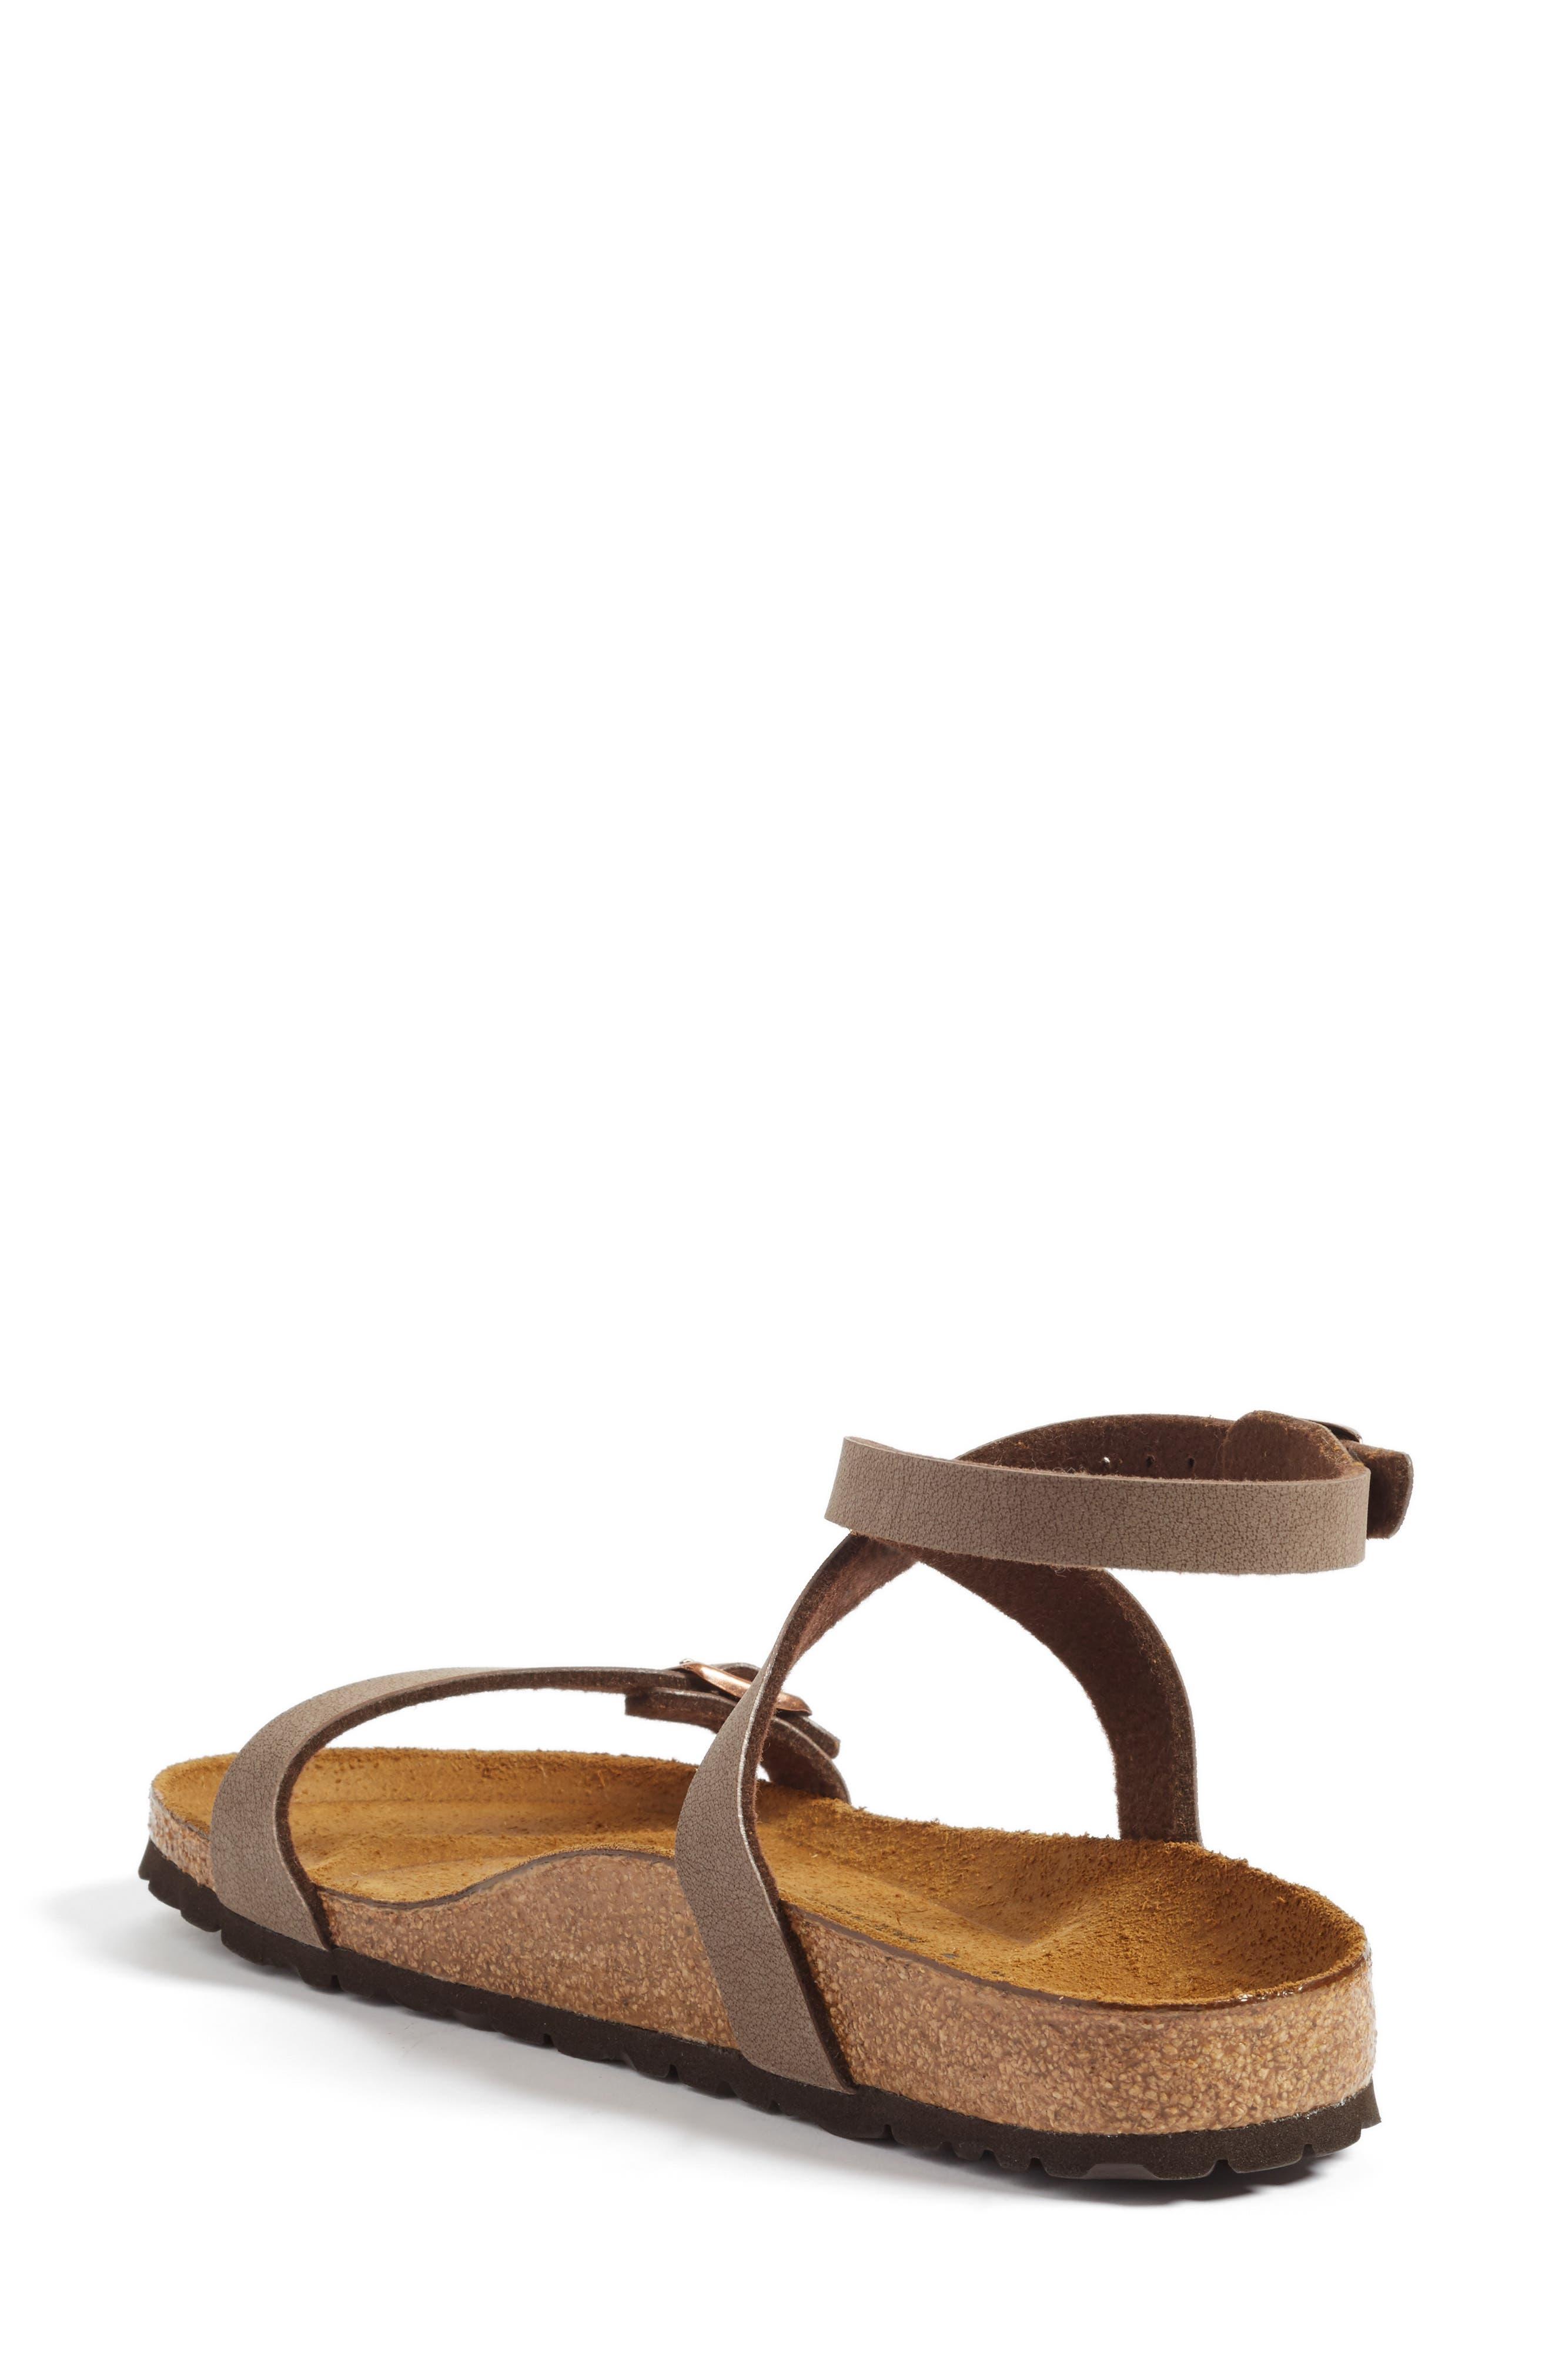 Daloa Ankle Strap Sandal,                             Alternate thumbnail 2, color,                             MOCHA